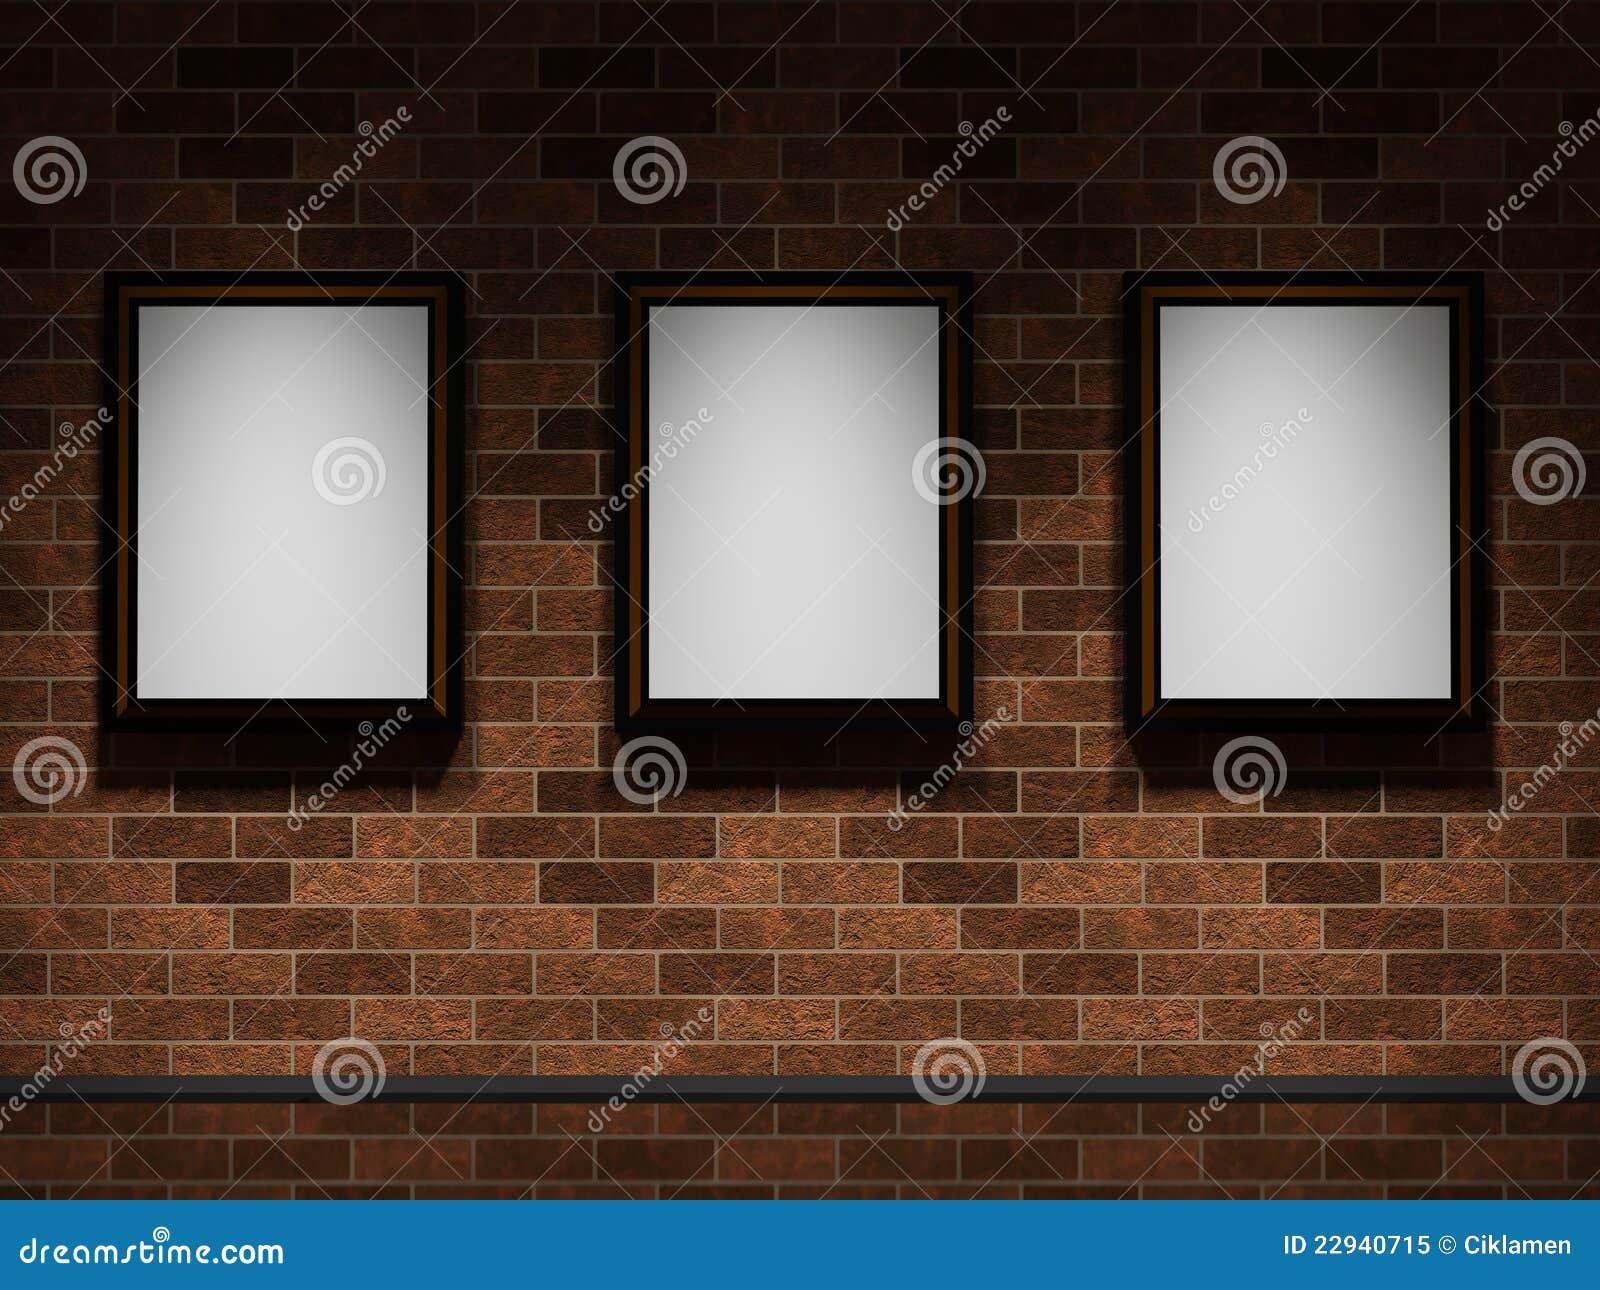 Cuadros en una pared de ladrillo foto de archivo libre de for Cuadros de pared grandes